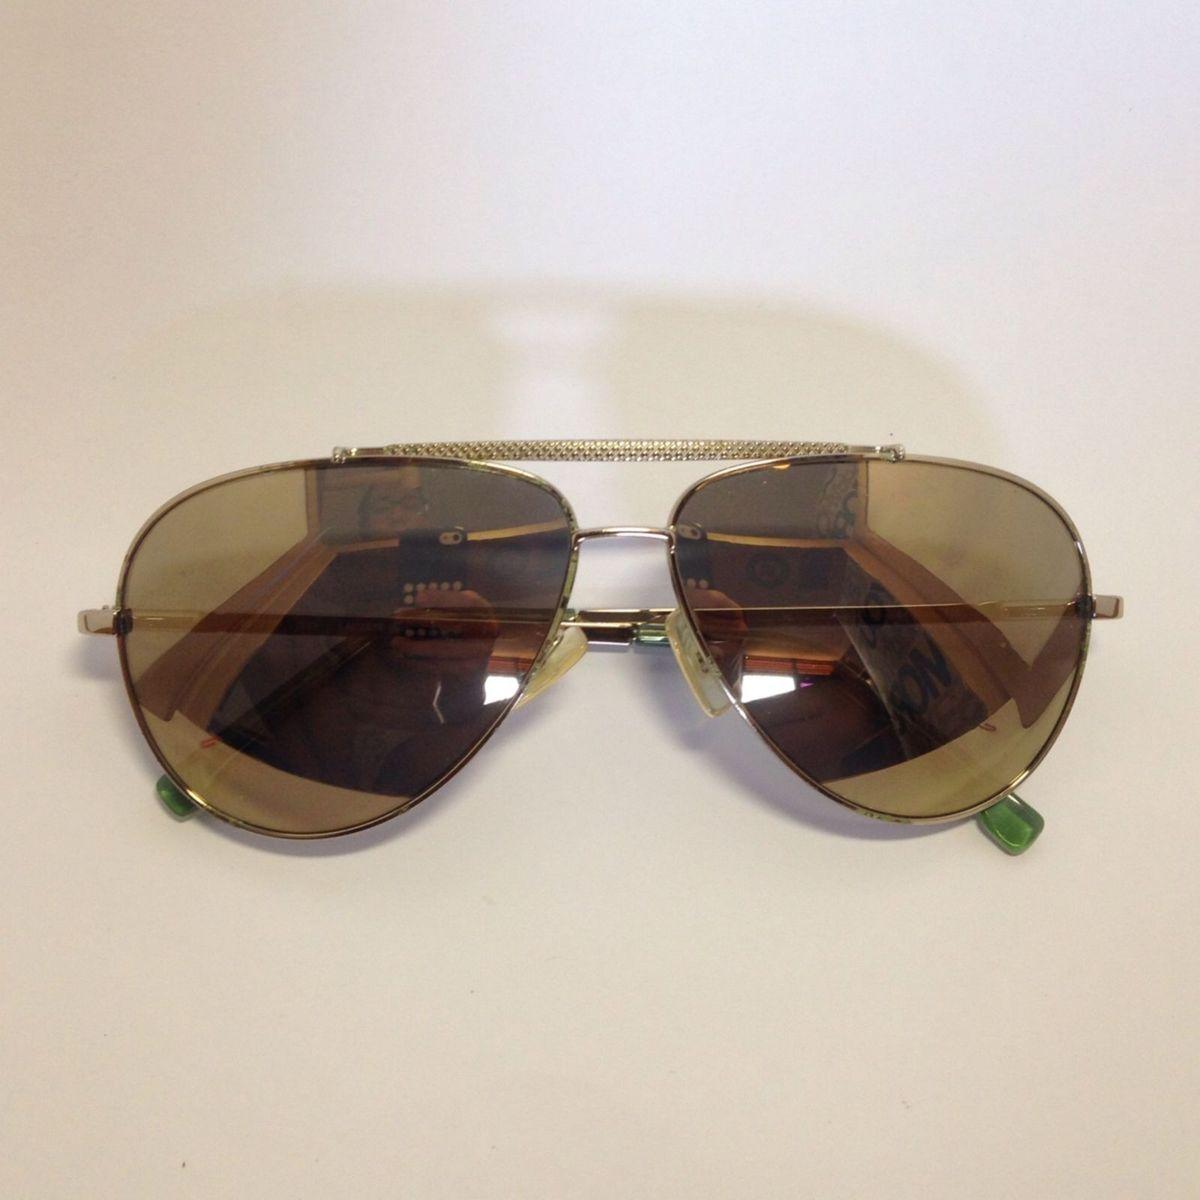 29d25a782d902 Oculos Aviador Lacoste